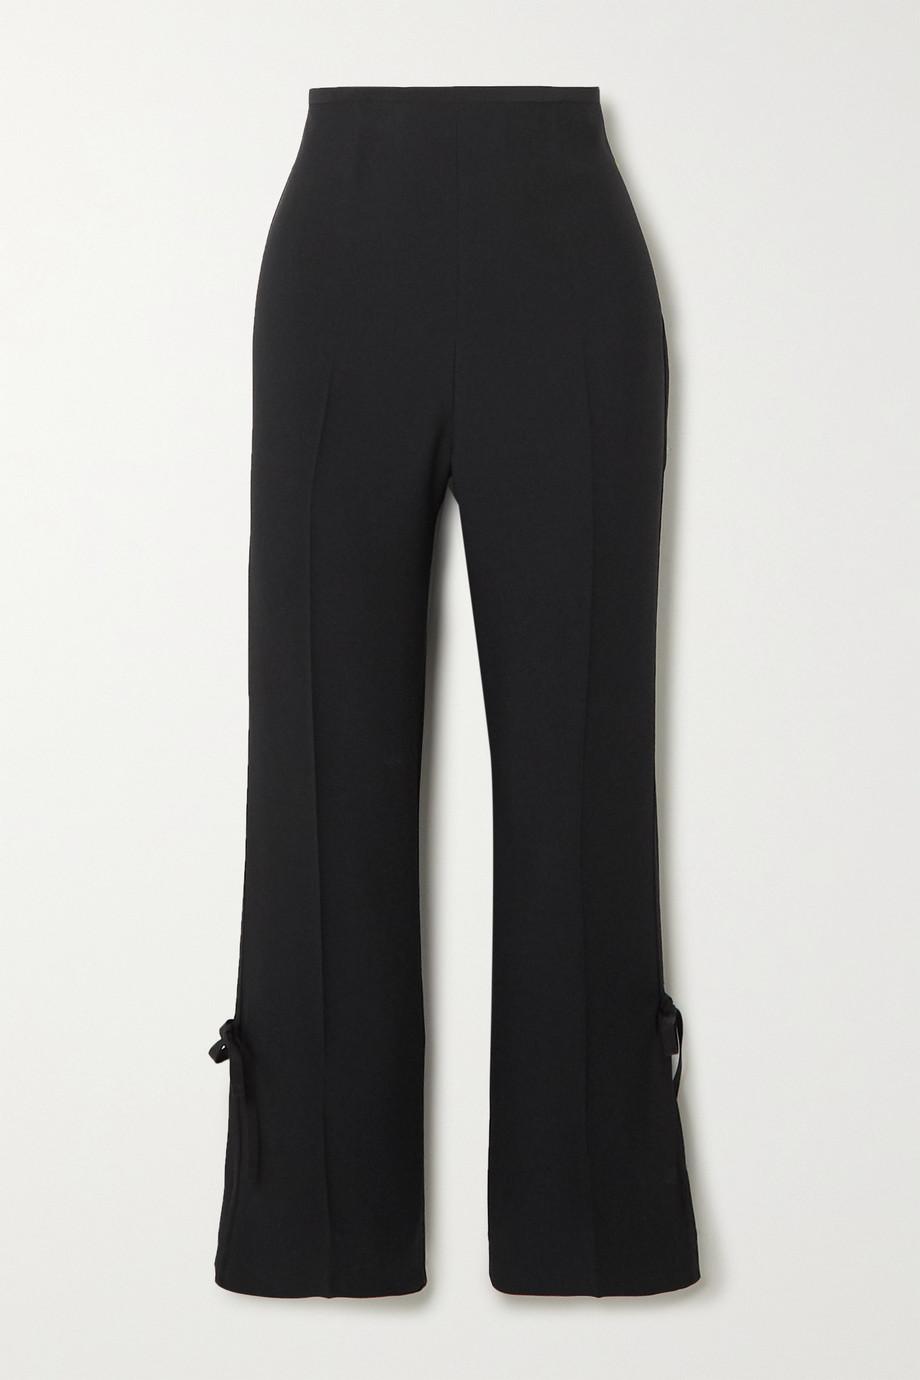 Prada Pantalon droit raccourci en crêpe à nœuds